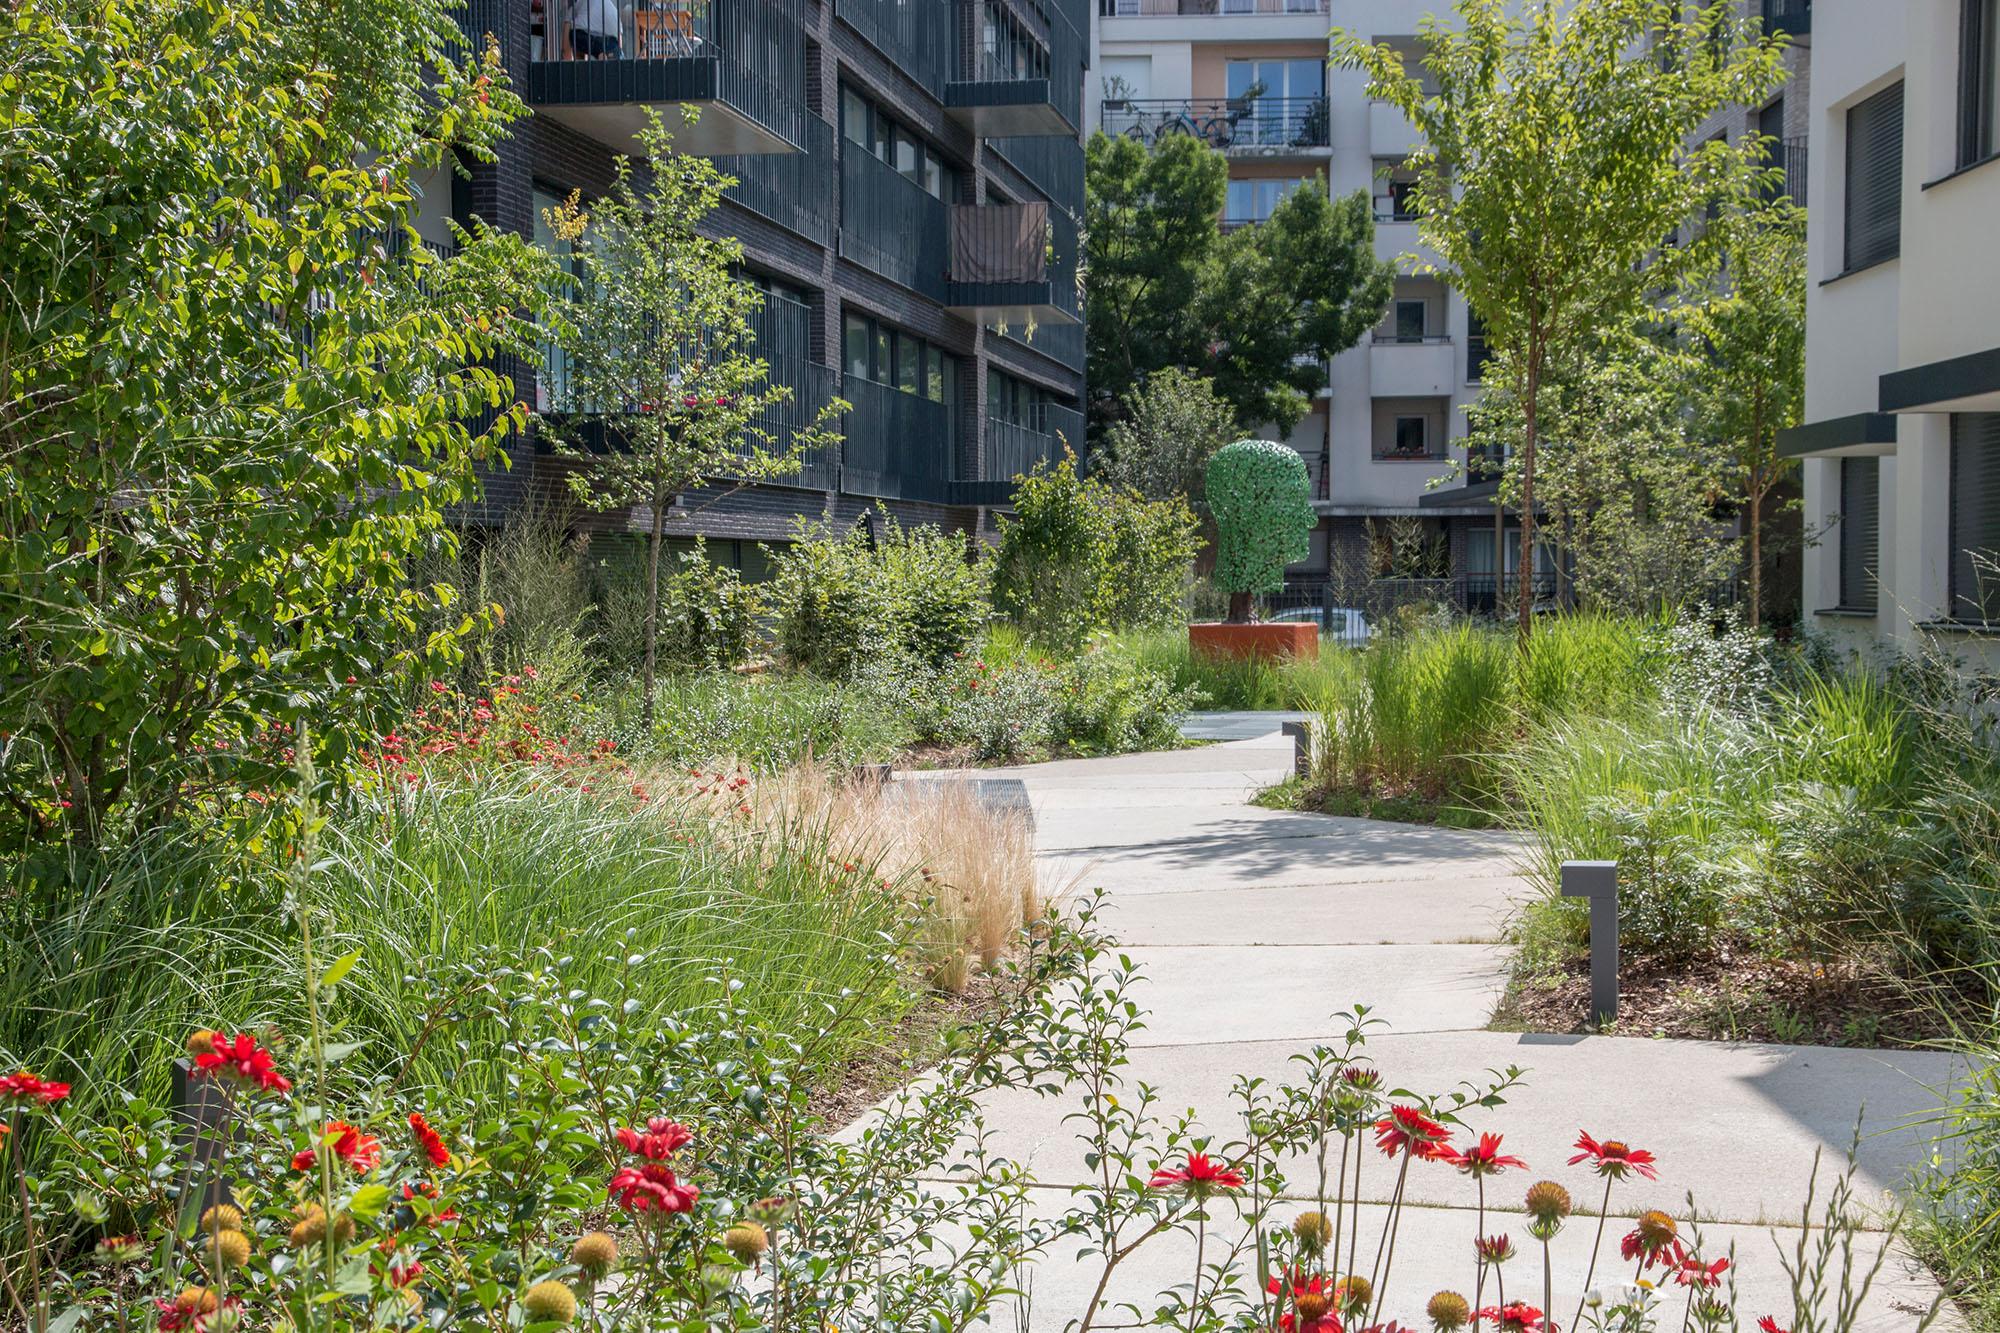 Les jardins chromatiques - Opération - Pantin Canal - Emerige